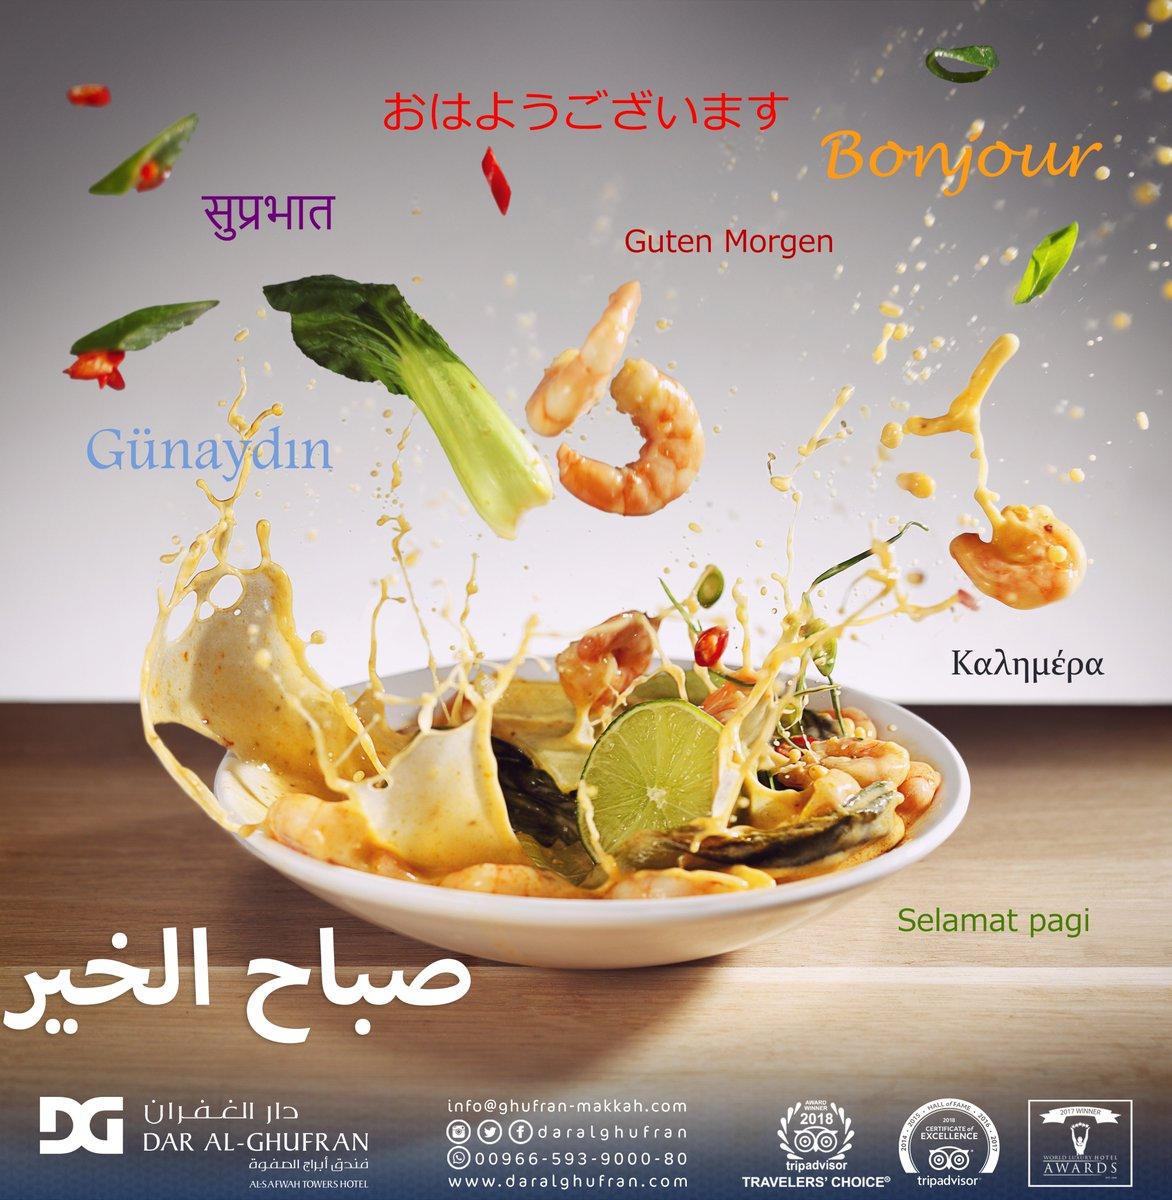 Al Ghufran Safwah Hotel On Twitter بكل لغات العالم وبكل